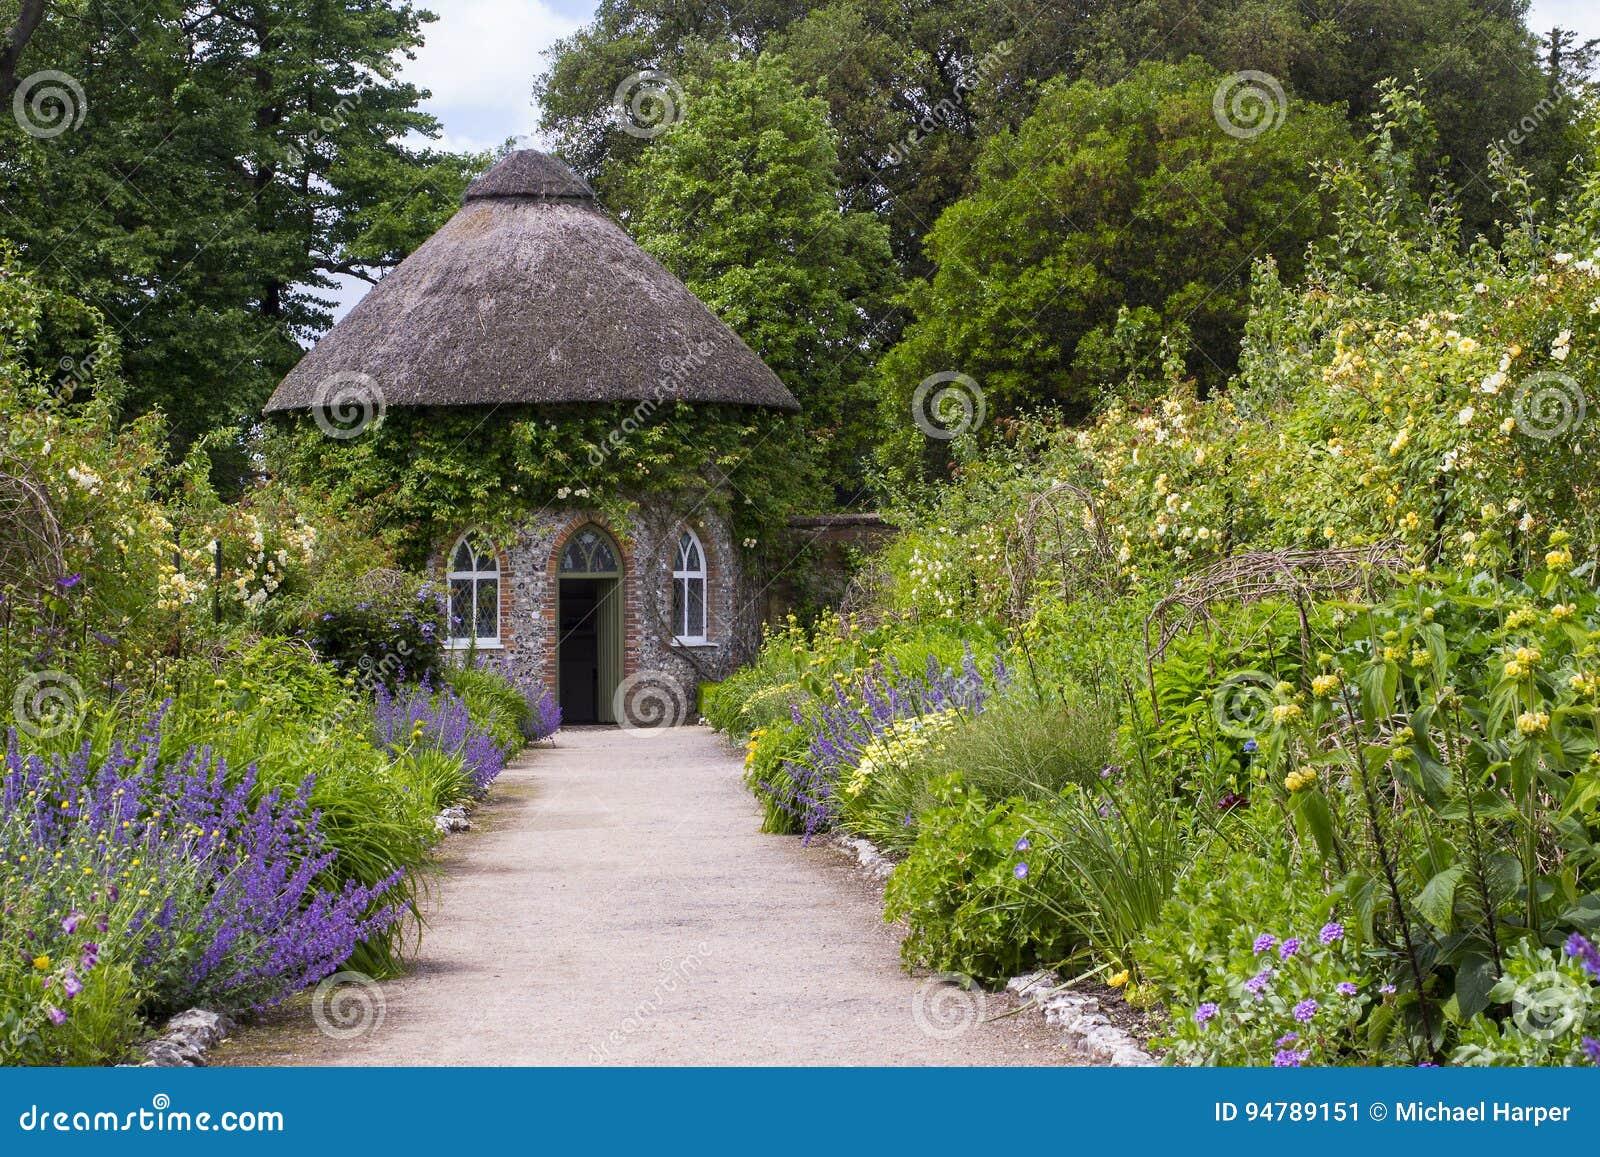 le 19 me si cle a couvert de chaume autour de la maison entour e par de beaux lits de fleur et. Black Bedroom Furniture Sets. Home Design Ideas